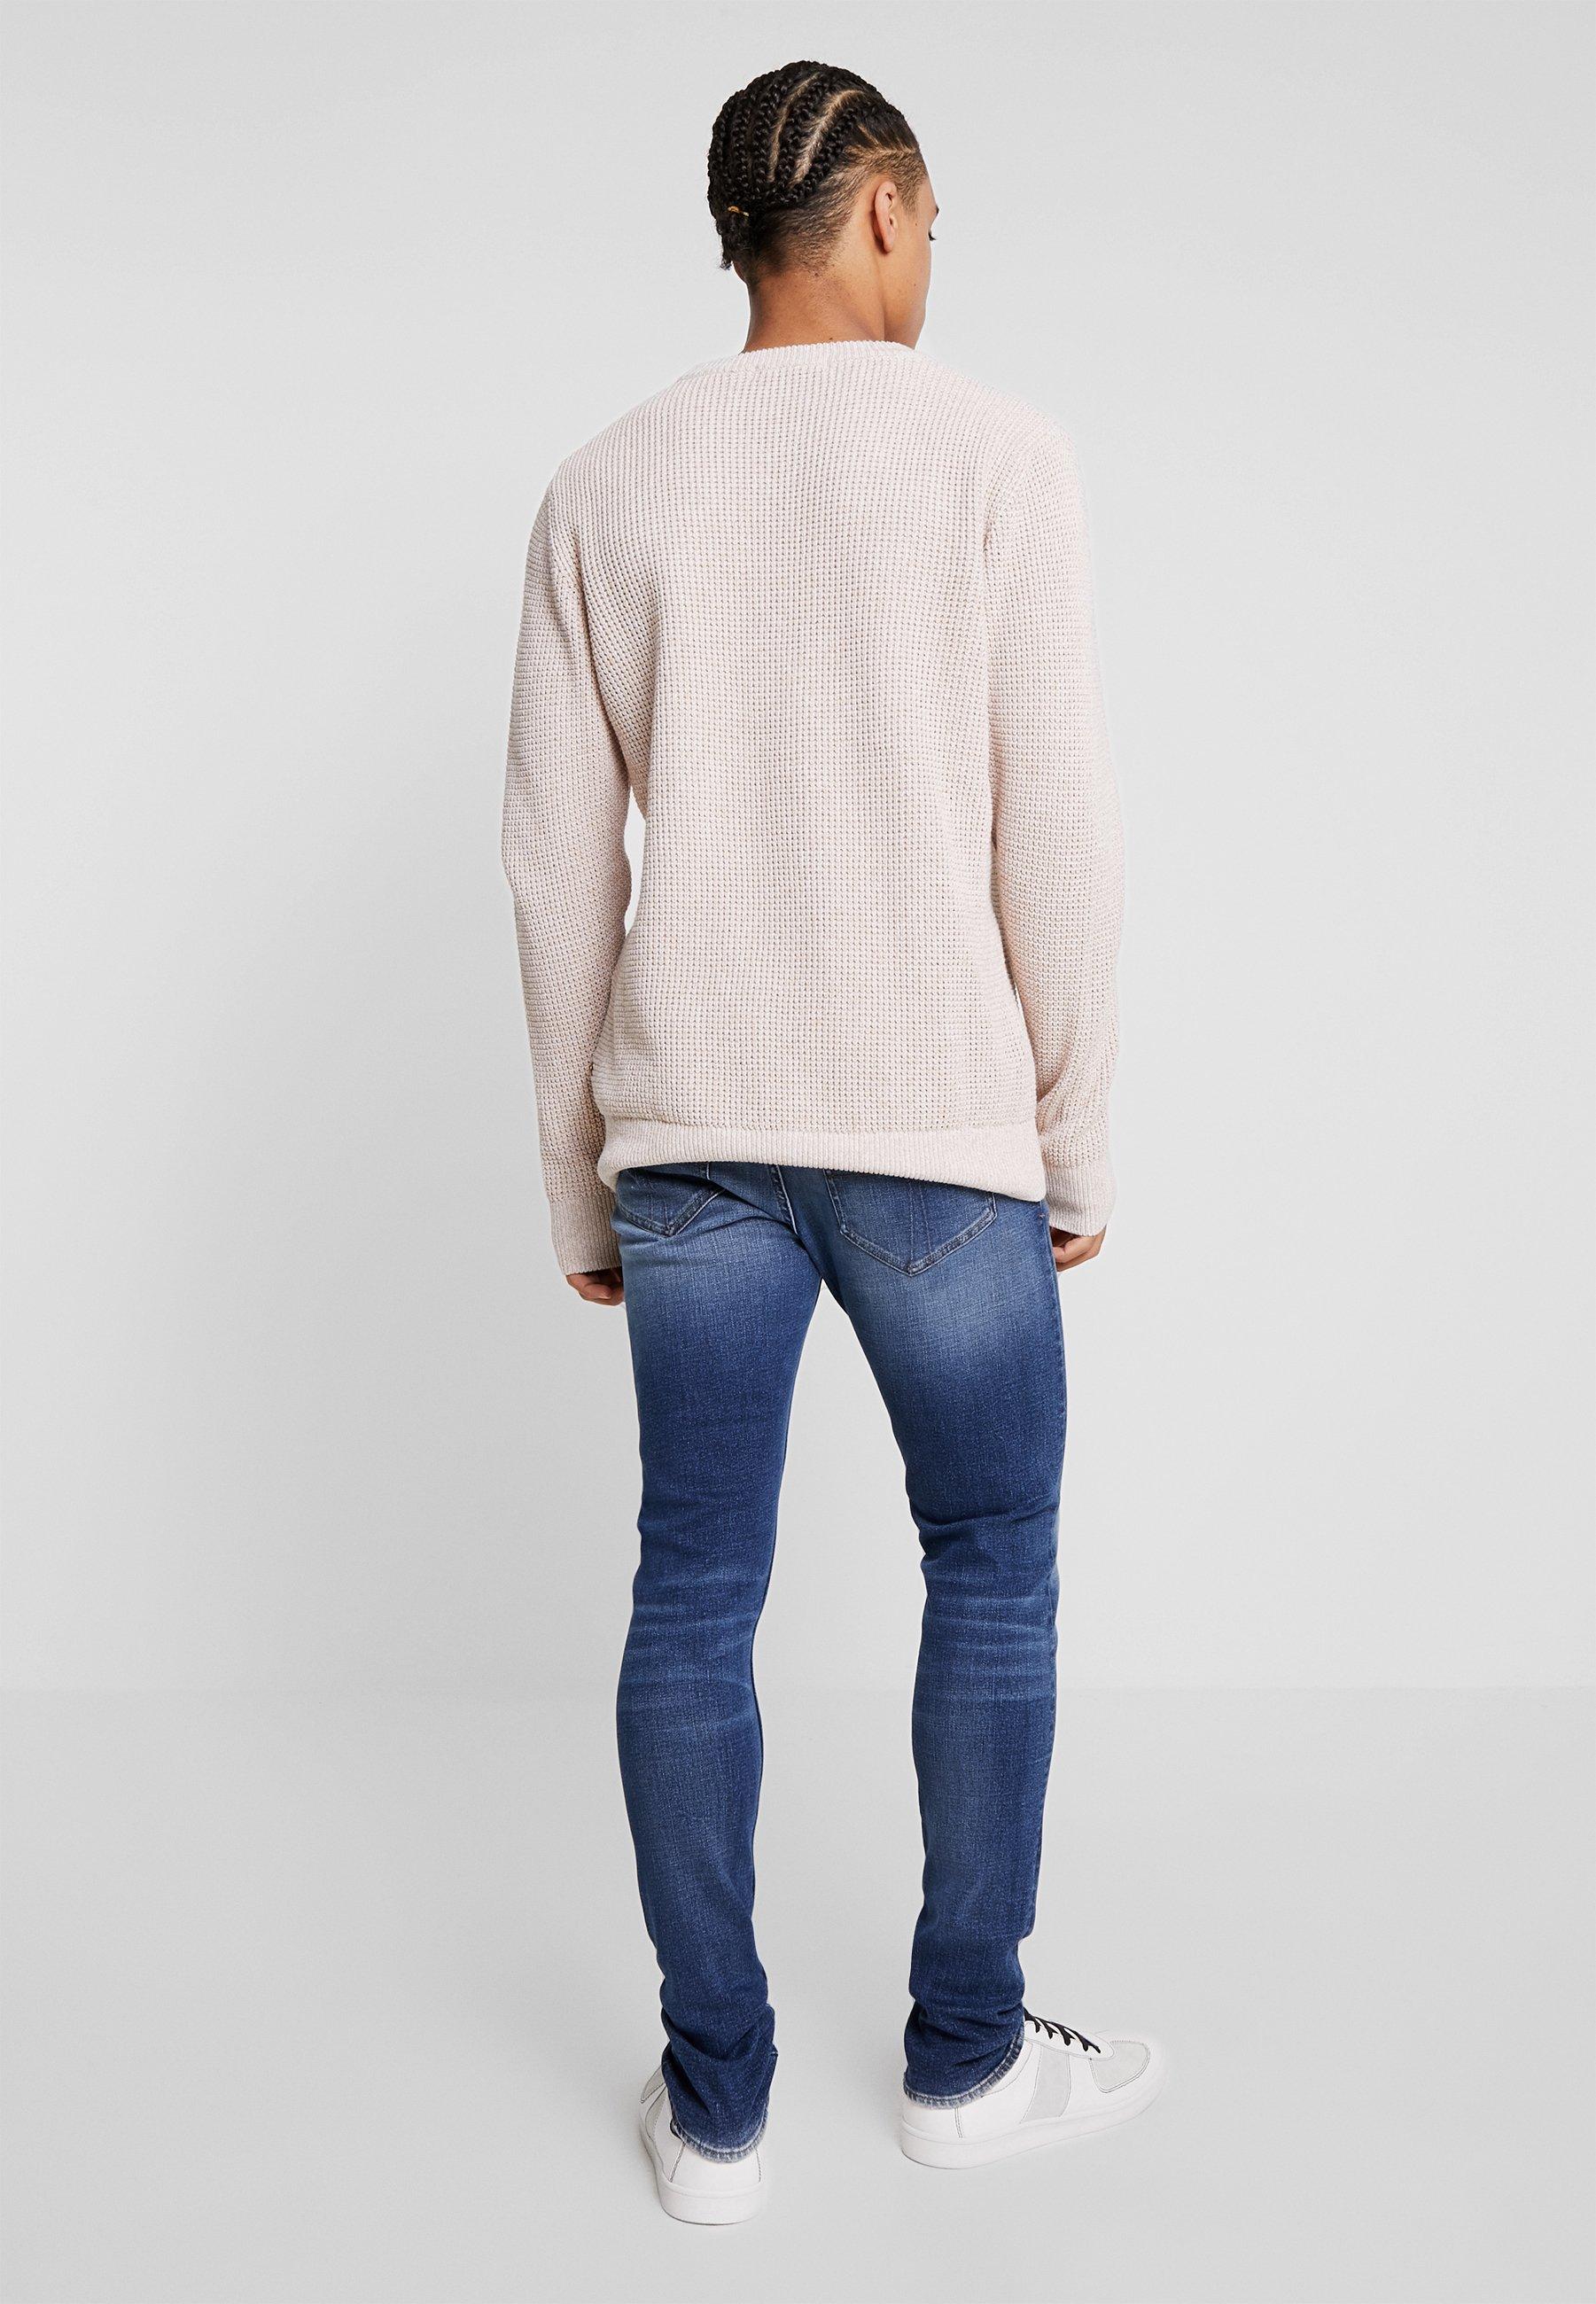 EvolveJean Blue Jeans Slim Of Sweden Tiger Denim 1JTlcK3F